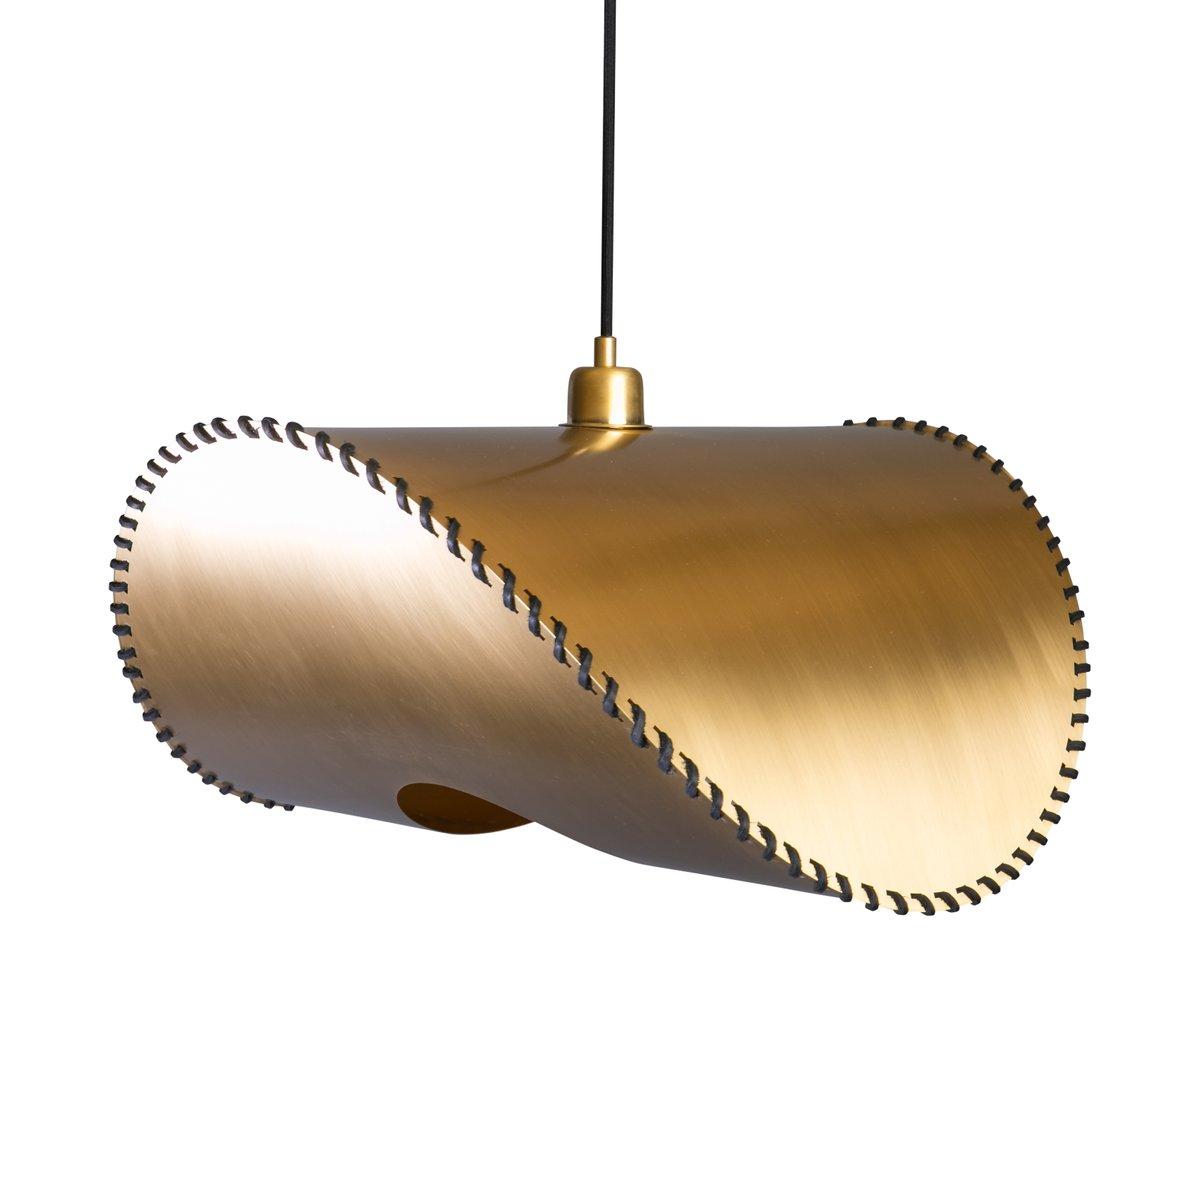 Große goldene Zero Two Hängelampe von Jacob de Baan für Uniqka